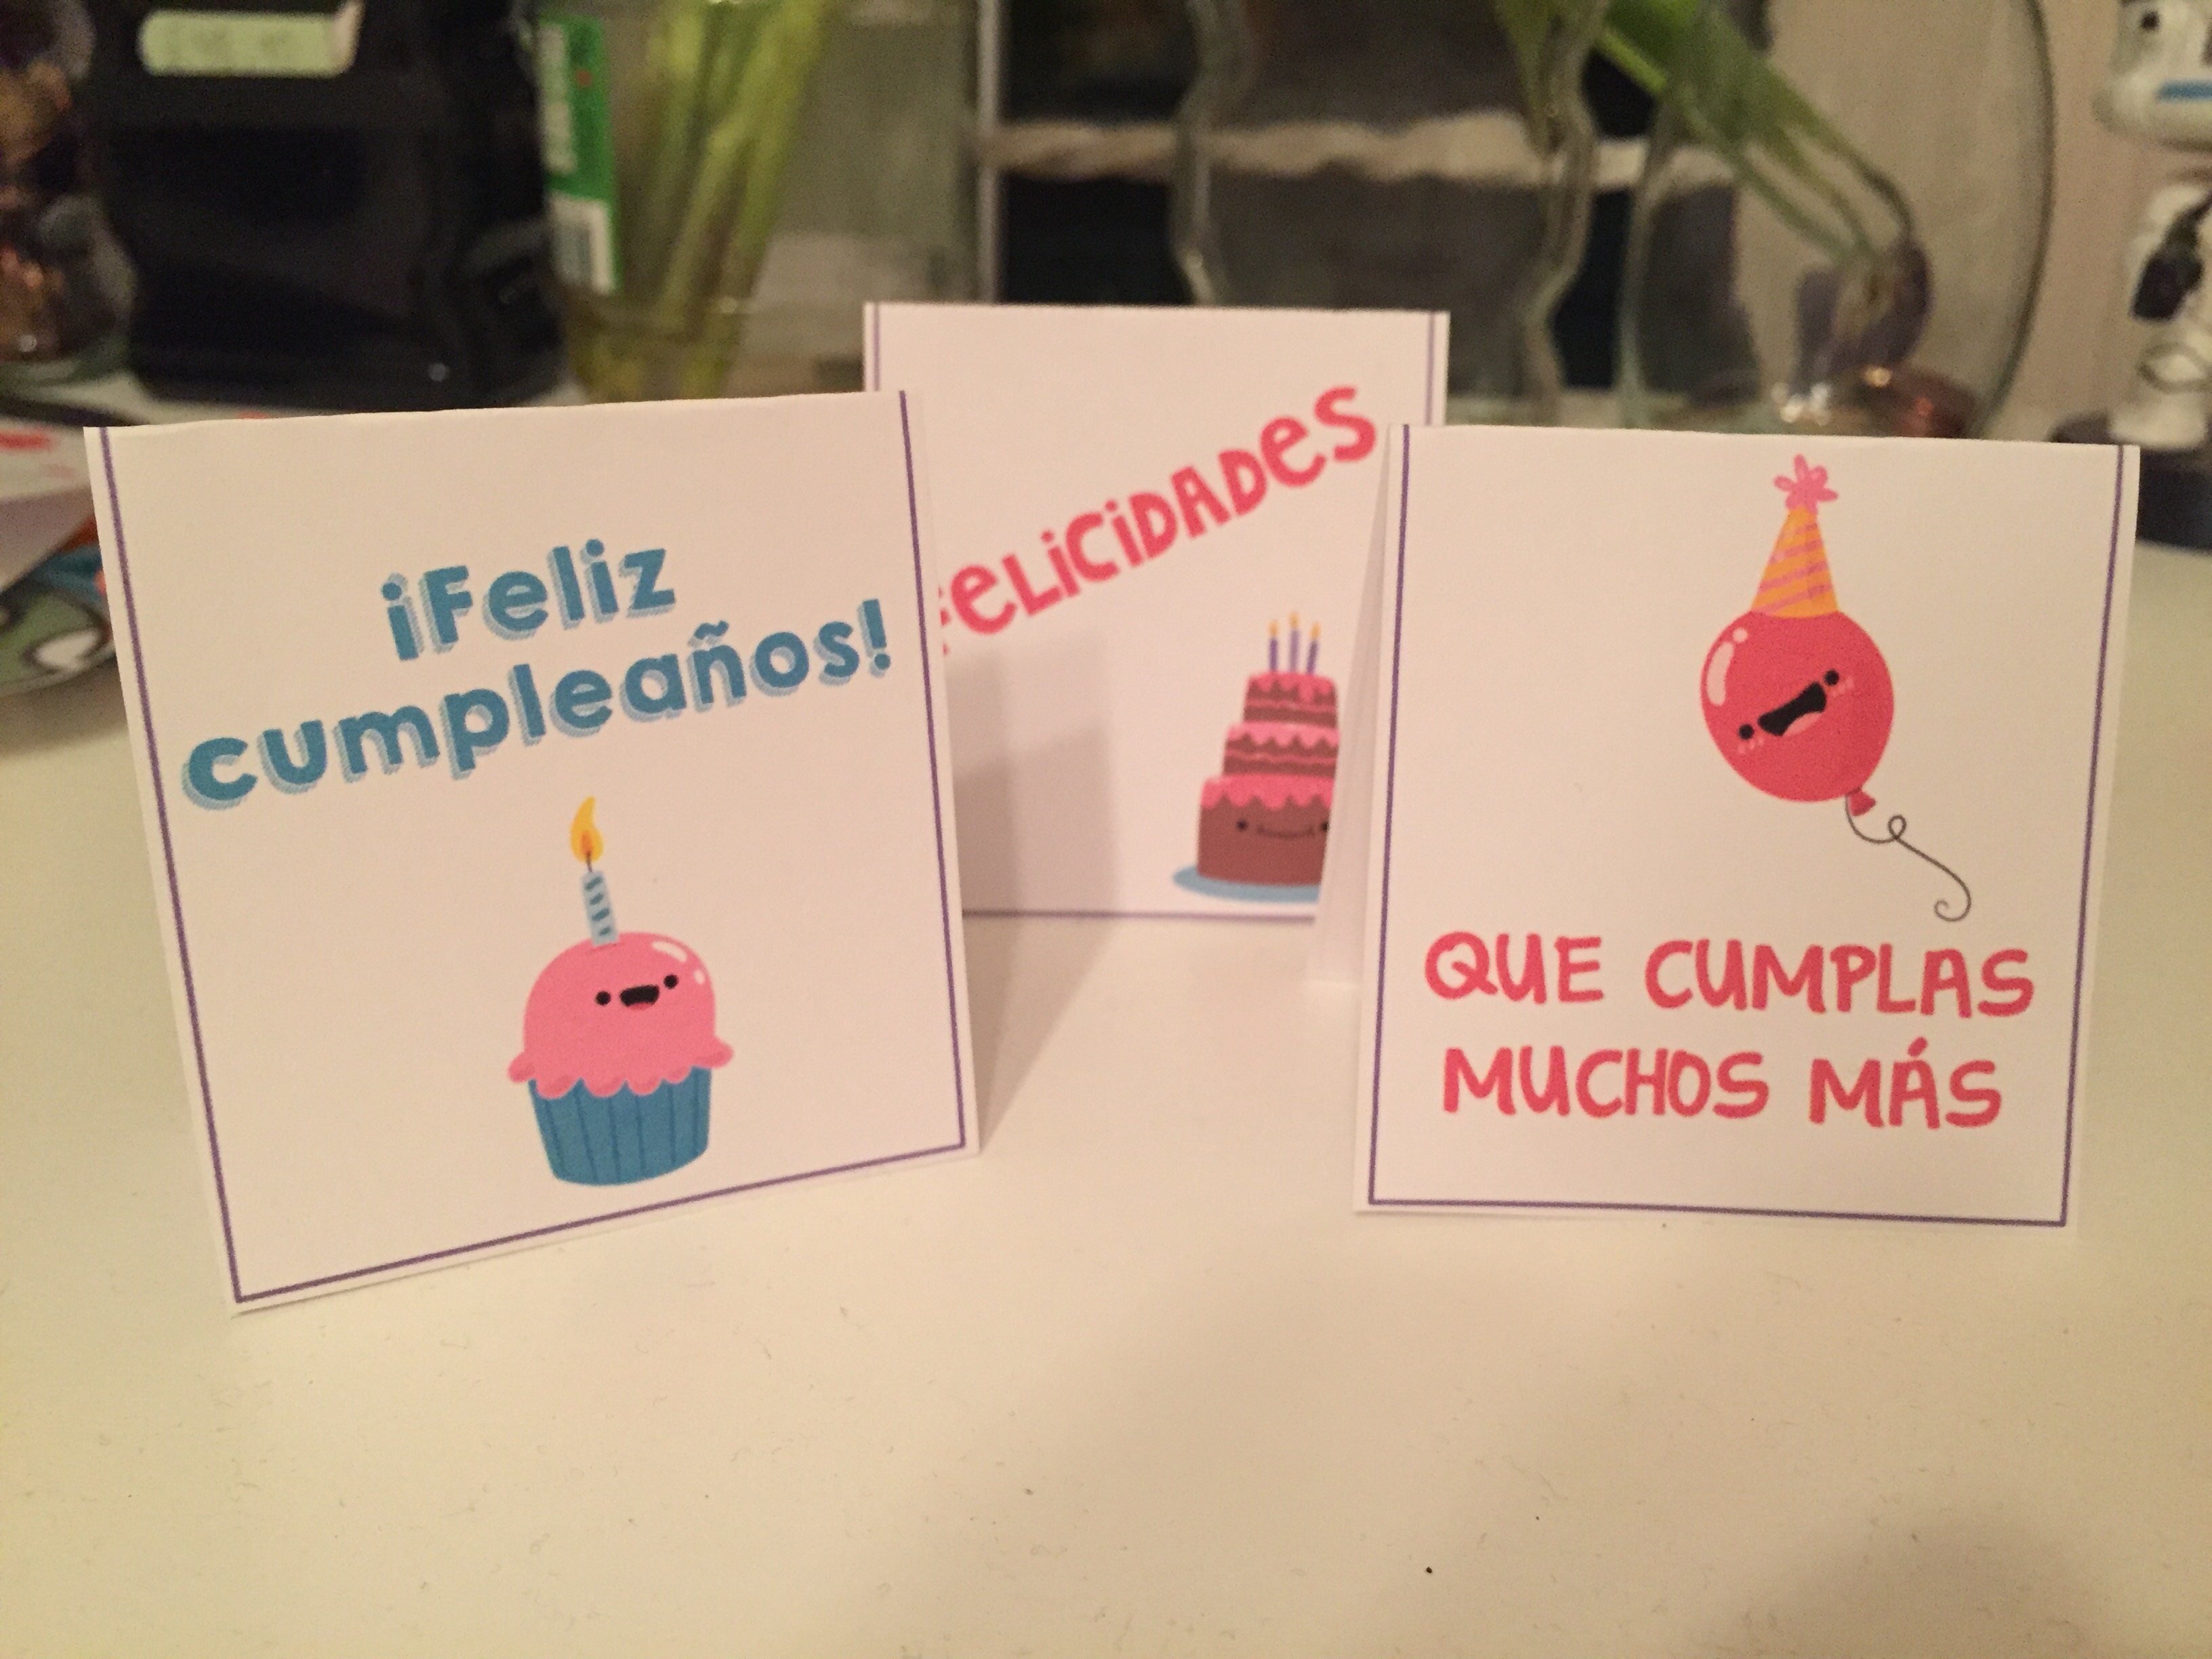 TARJETAS de cumpleaños para imprimir. Cumpleaños en clase. Regalos para alumnos. #claustrodeig